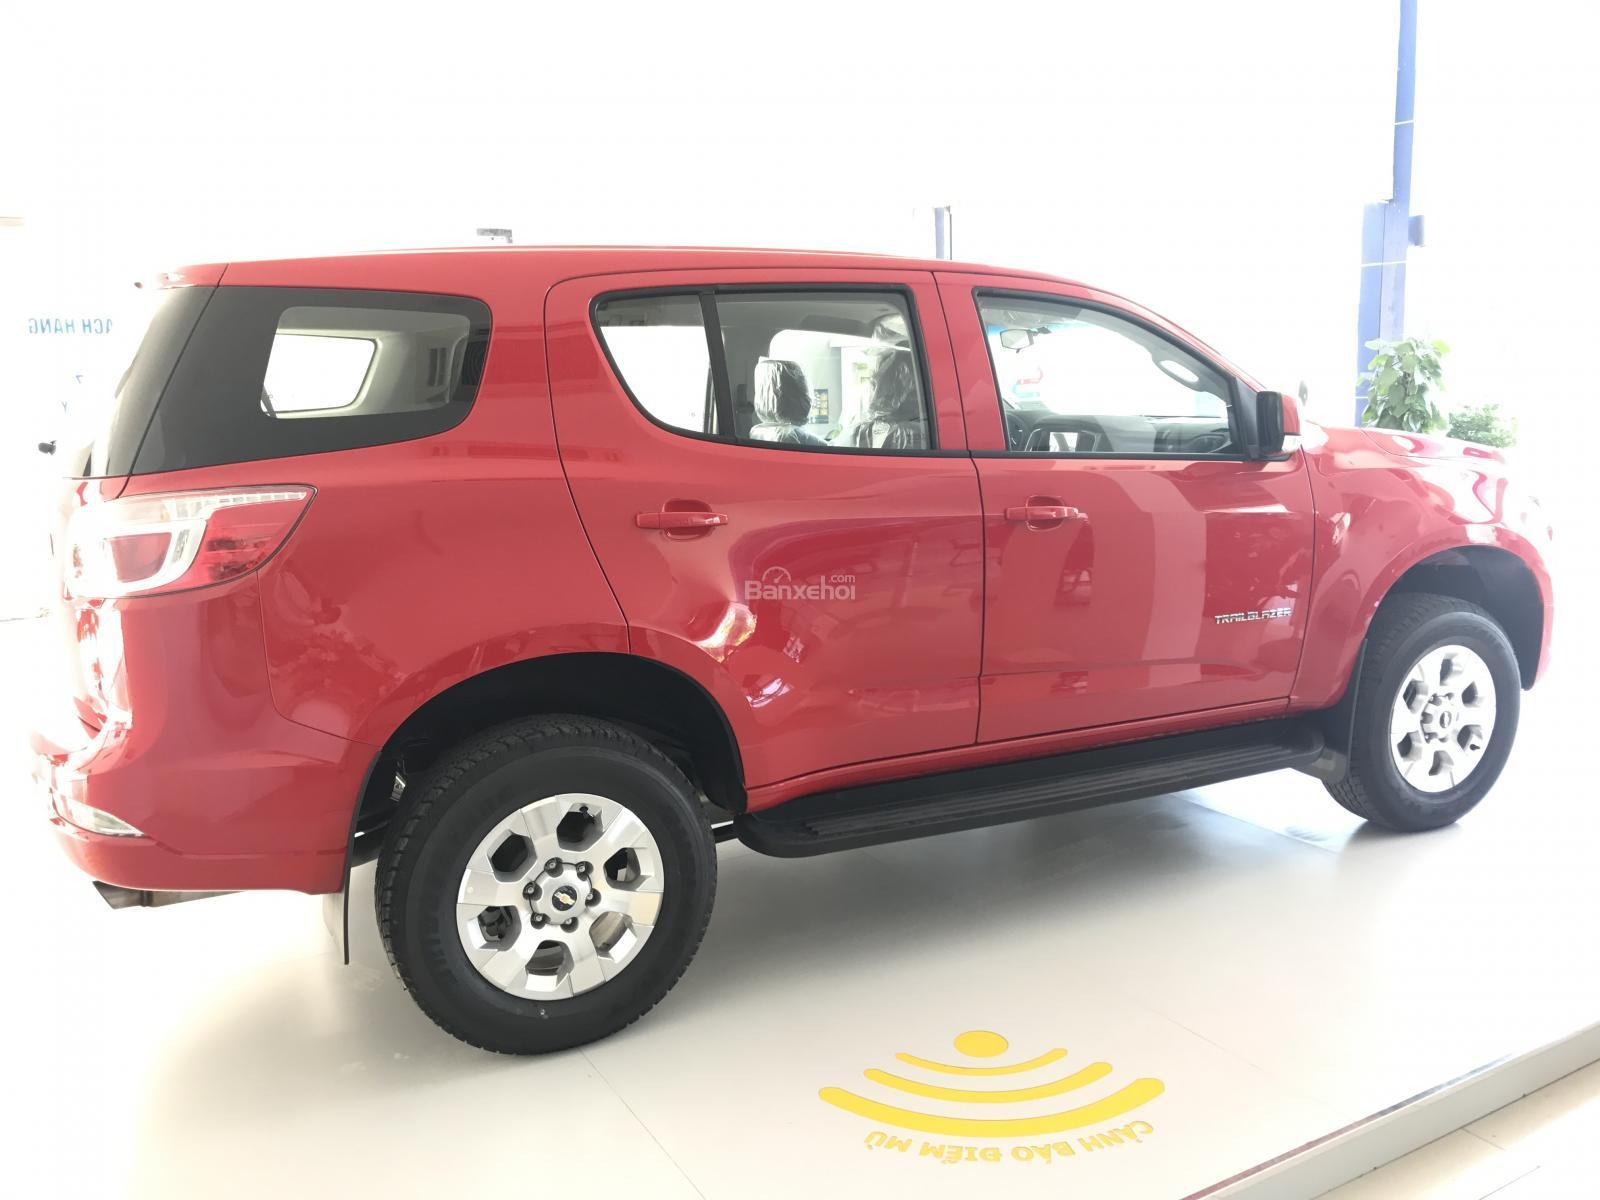 Bán ô tô Chevrolet Trailblazer 2.5L VGT 4x2 AT LT sản xuất năm 2018, màu đỏ, nhập khẩu, ưu đãi 30 triệu T12/2018-3